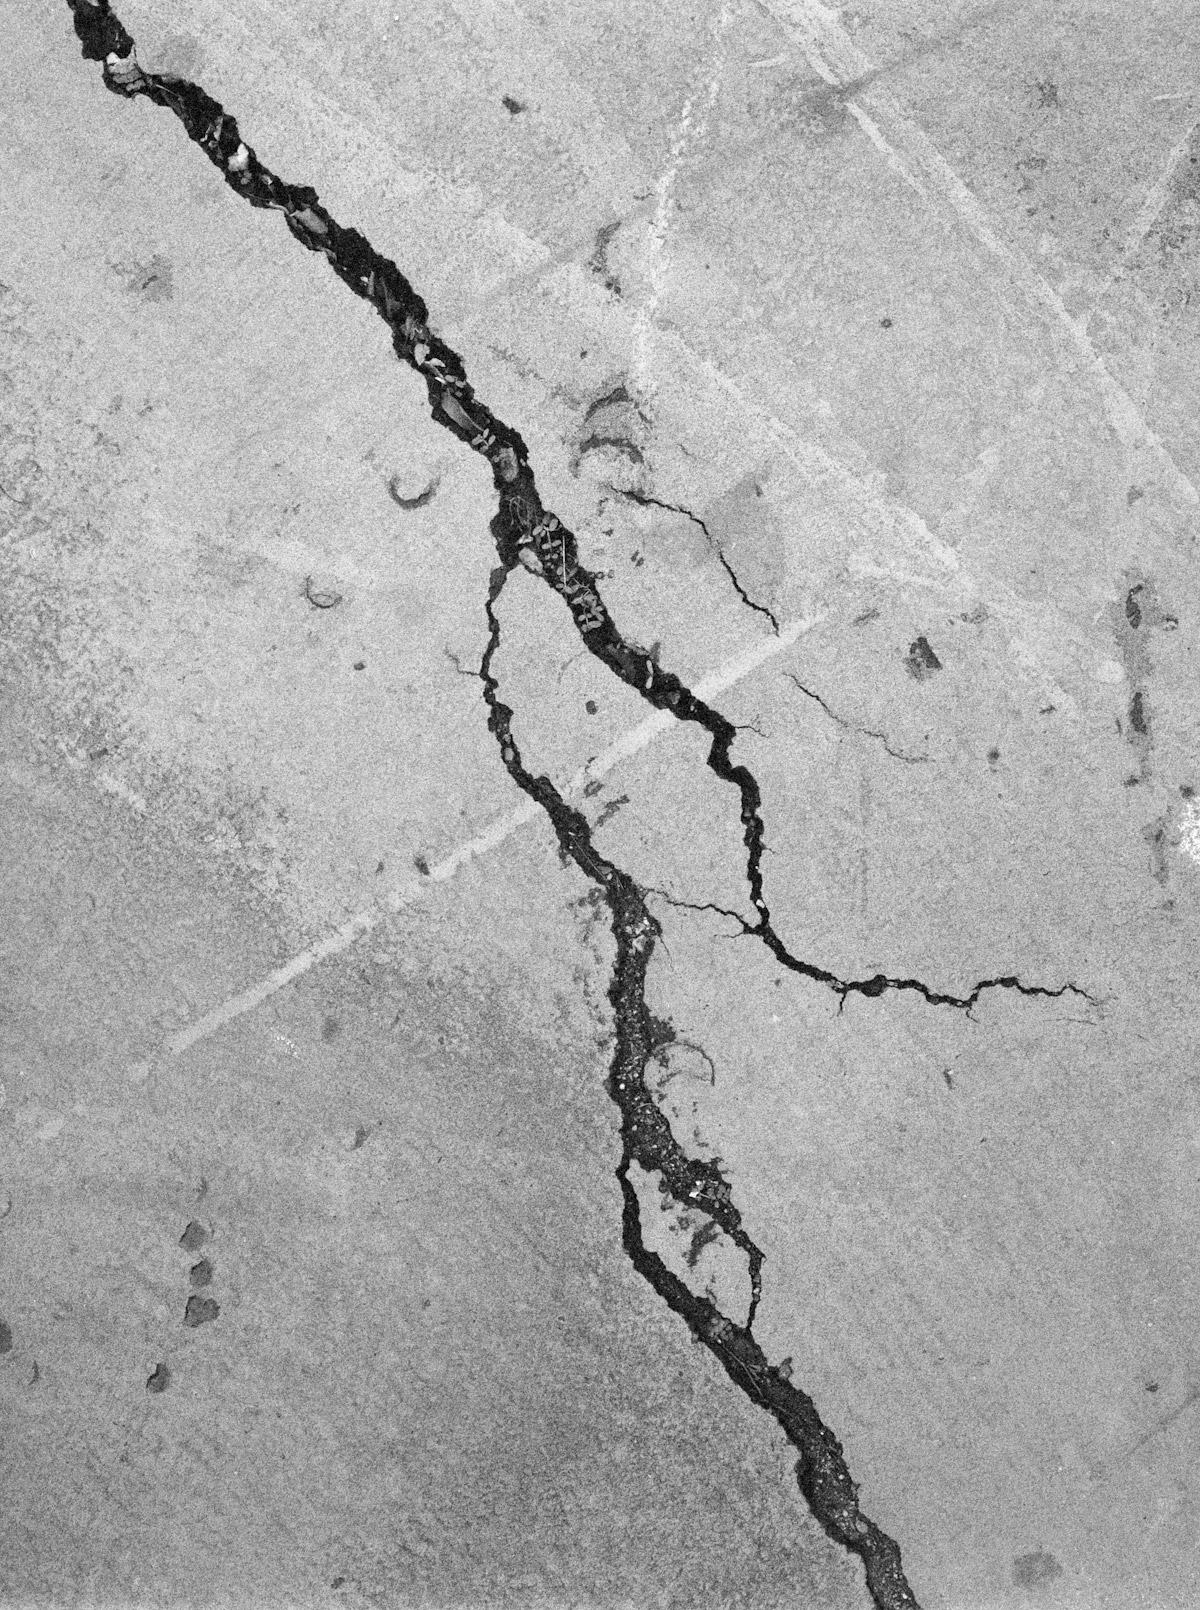 Restos de um Êxodo pelo Fotógrafo Al J Thompson Artes & contextos Ilford Delta 3200 66